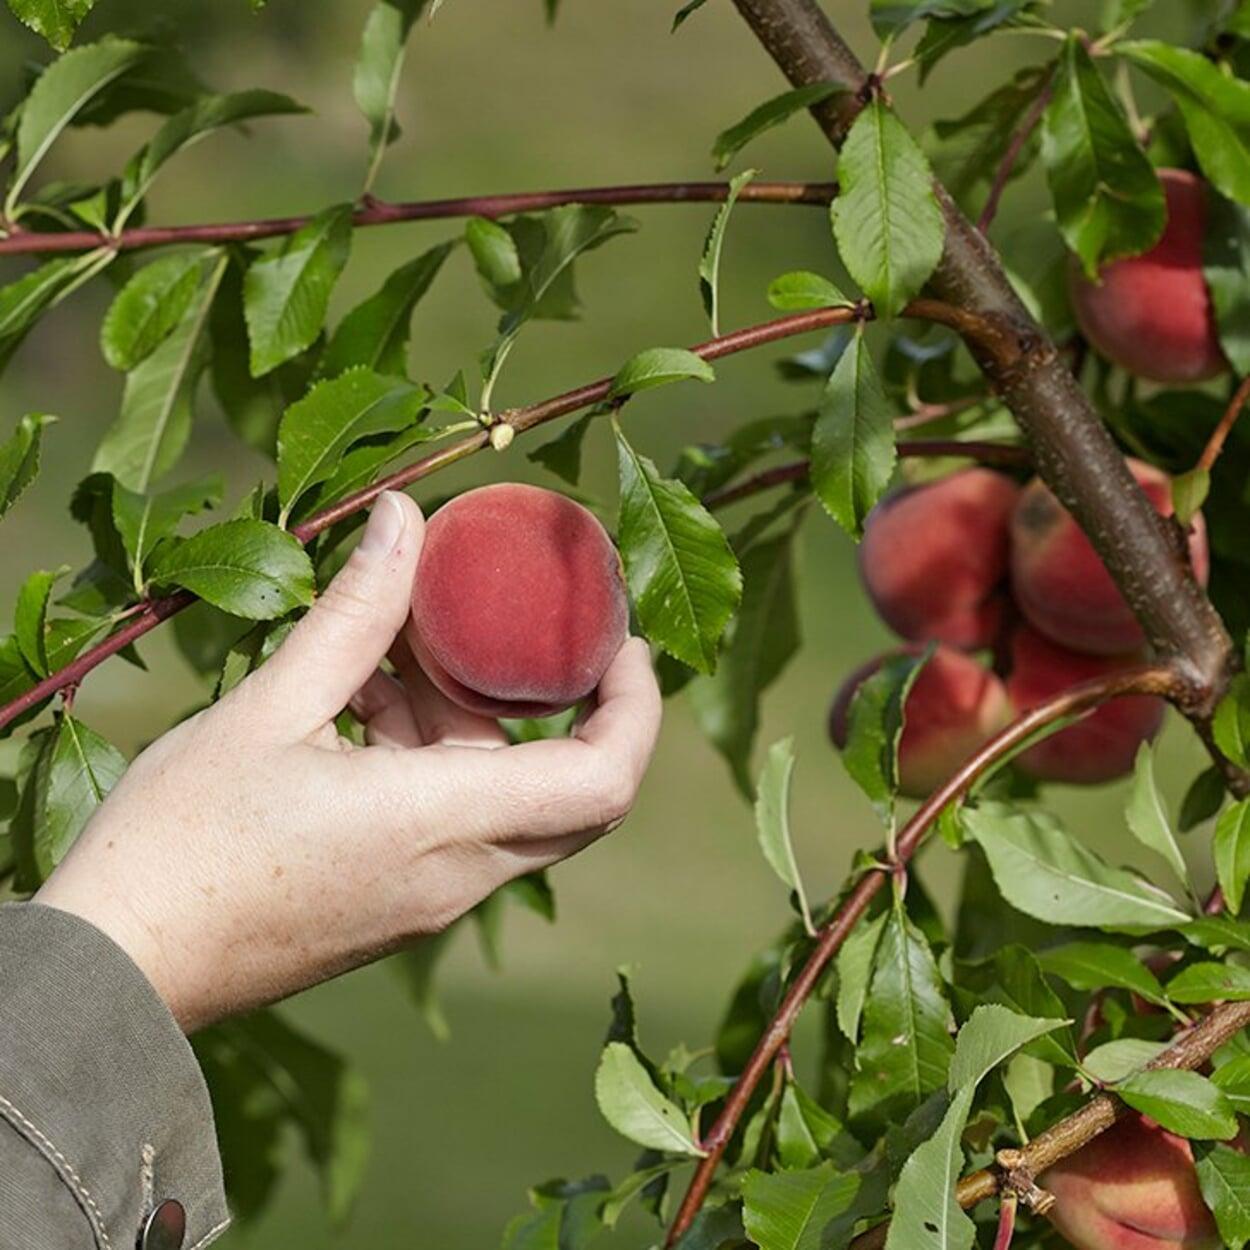 Pfirsiche nur vollreif ernten